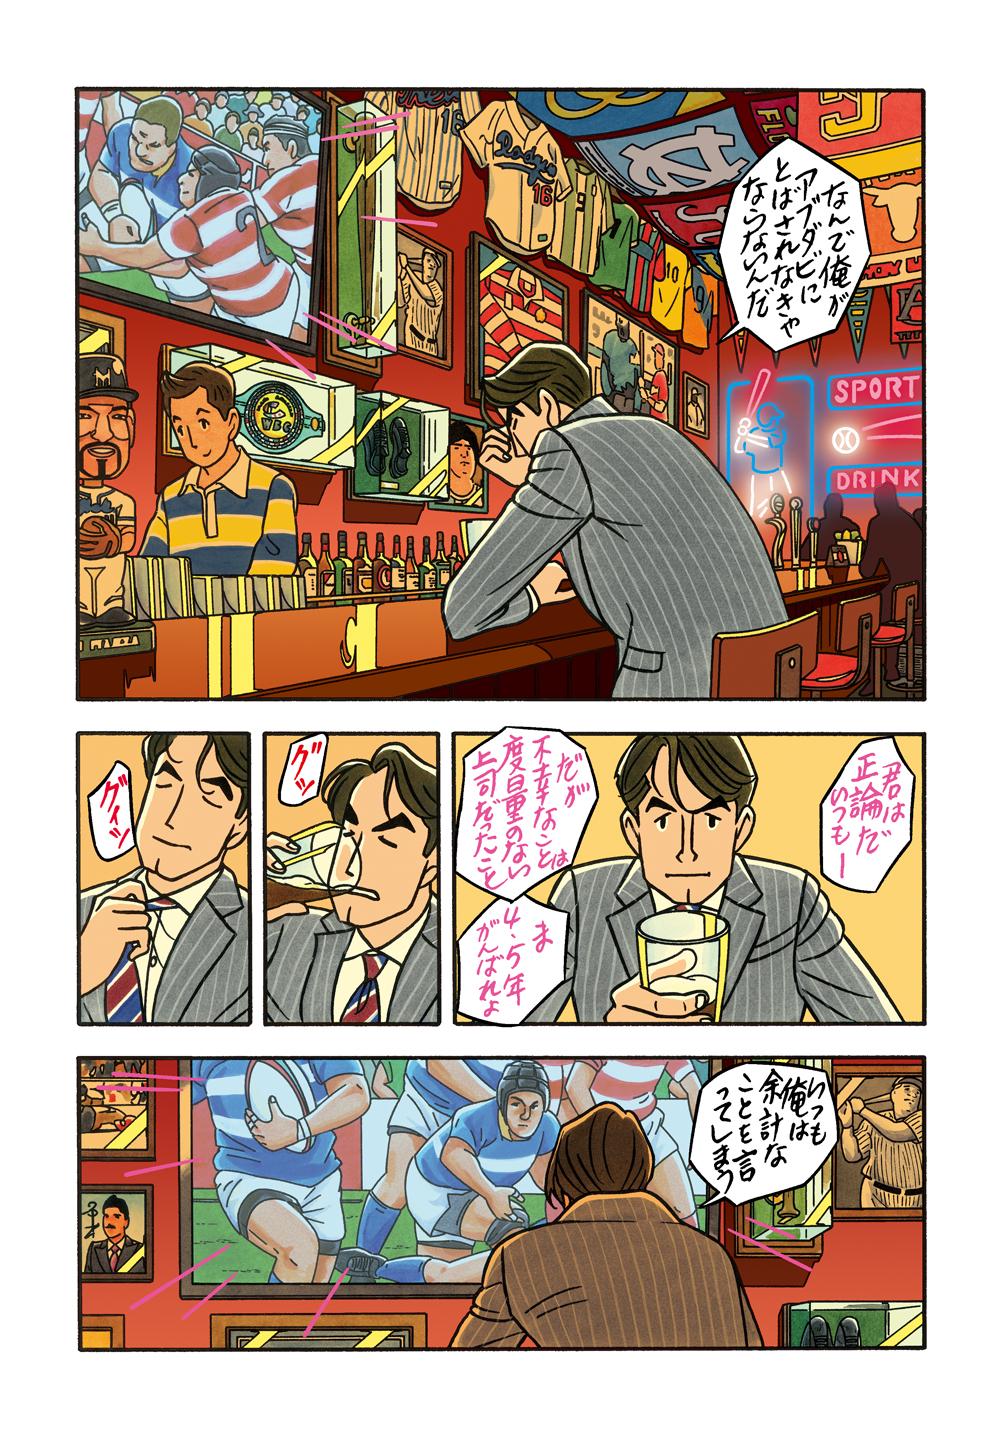 ワンダーカクテル 【第19話 stand up!】1ページ目画像